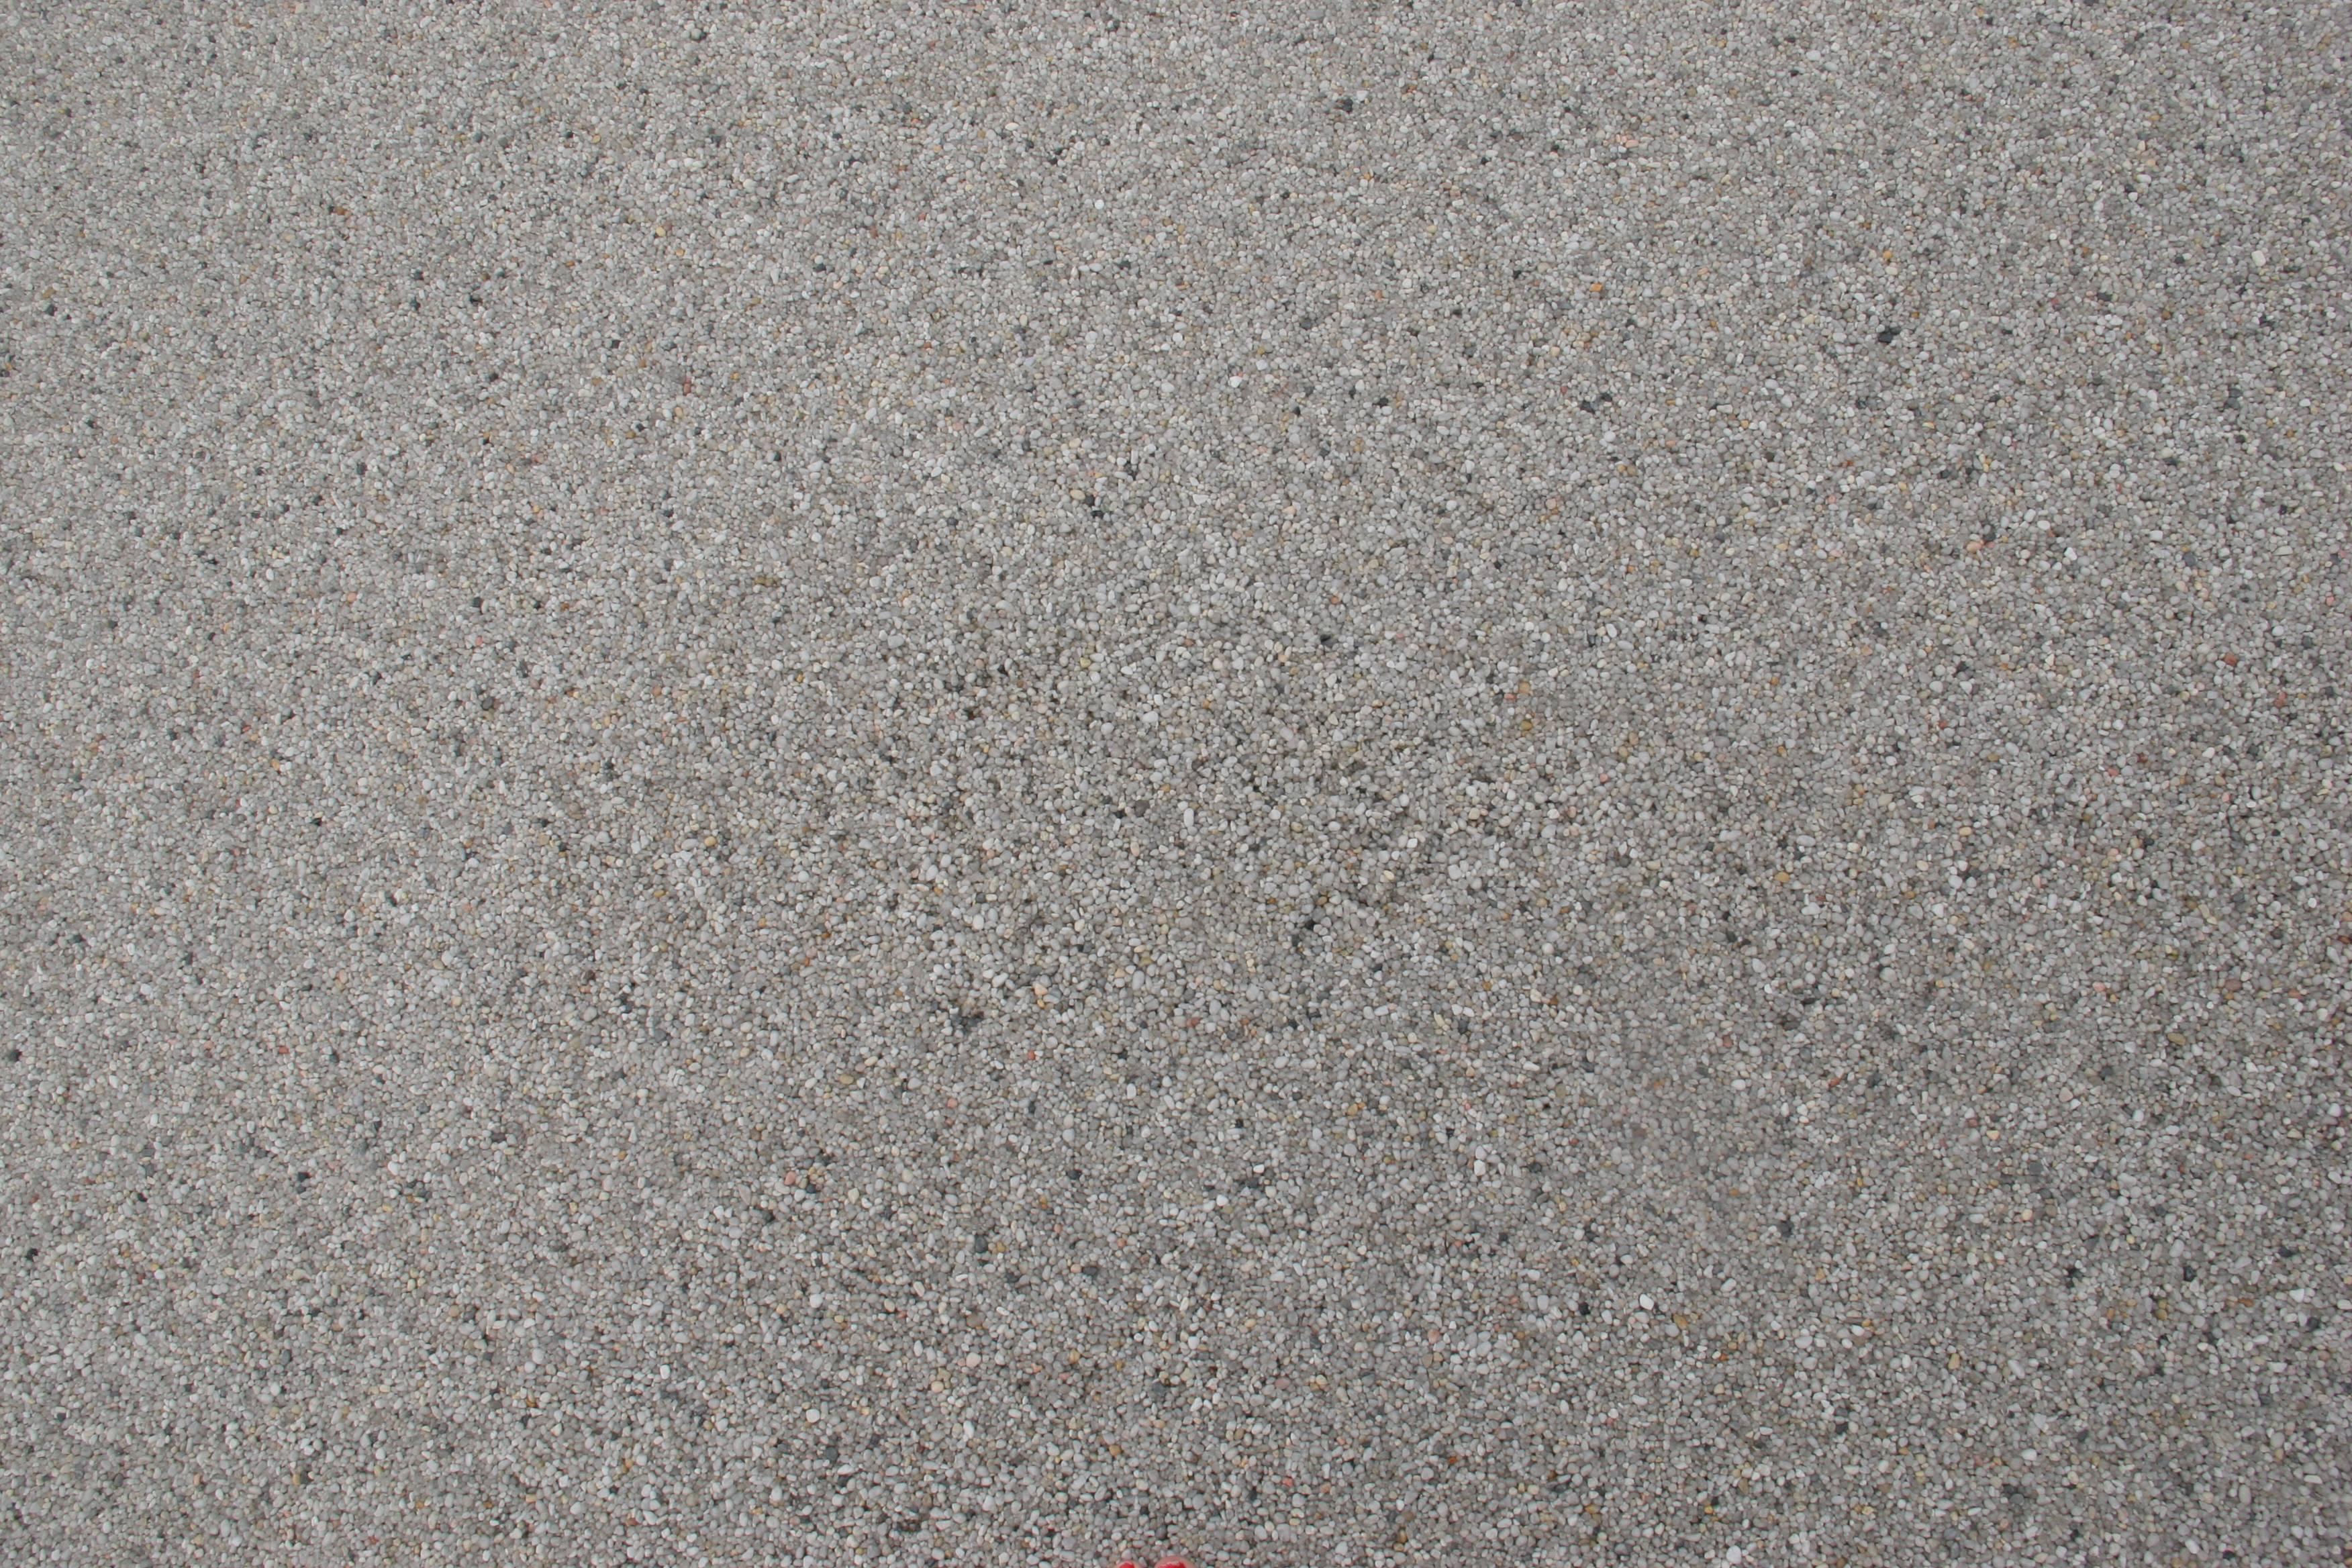 moquette de pierre revêtement de sol